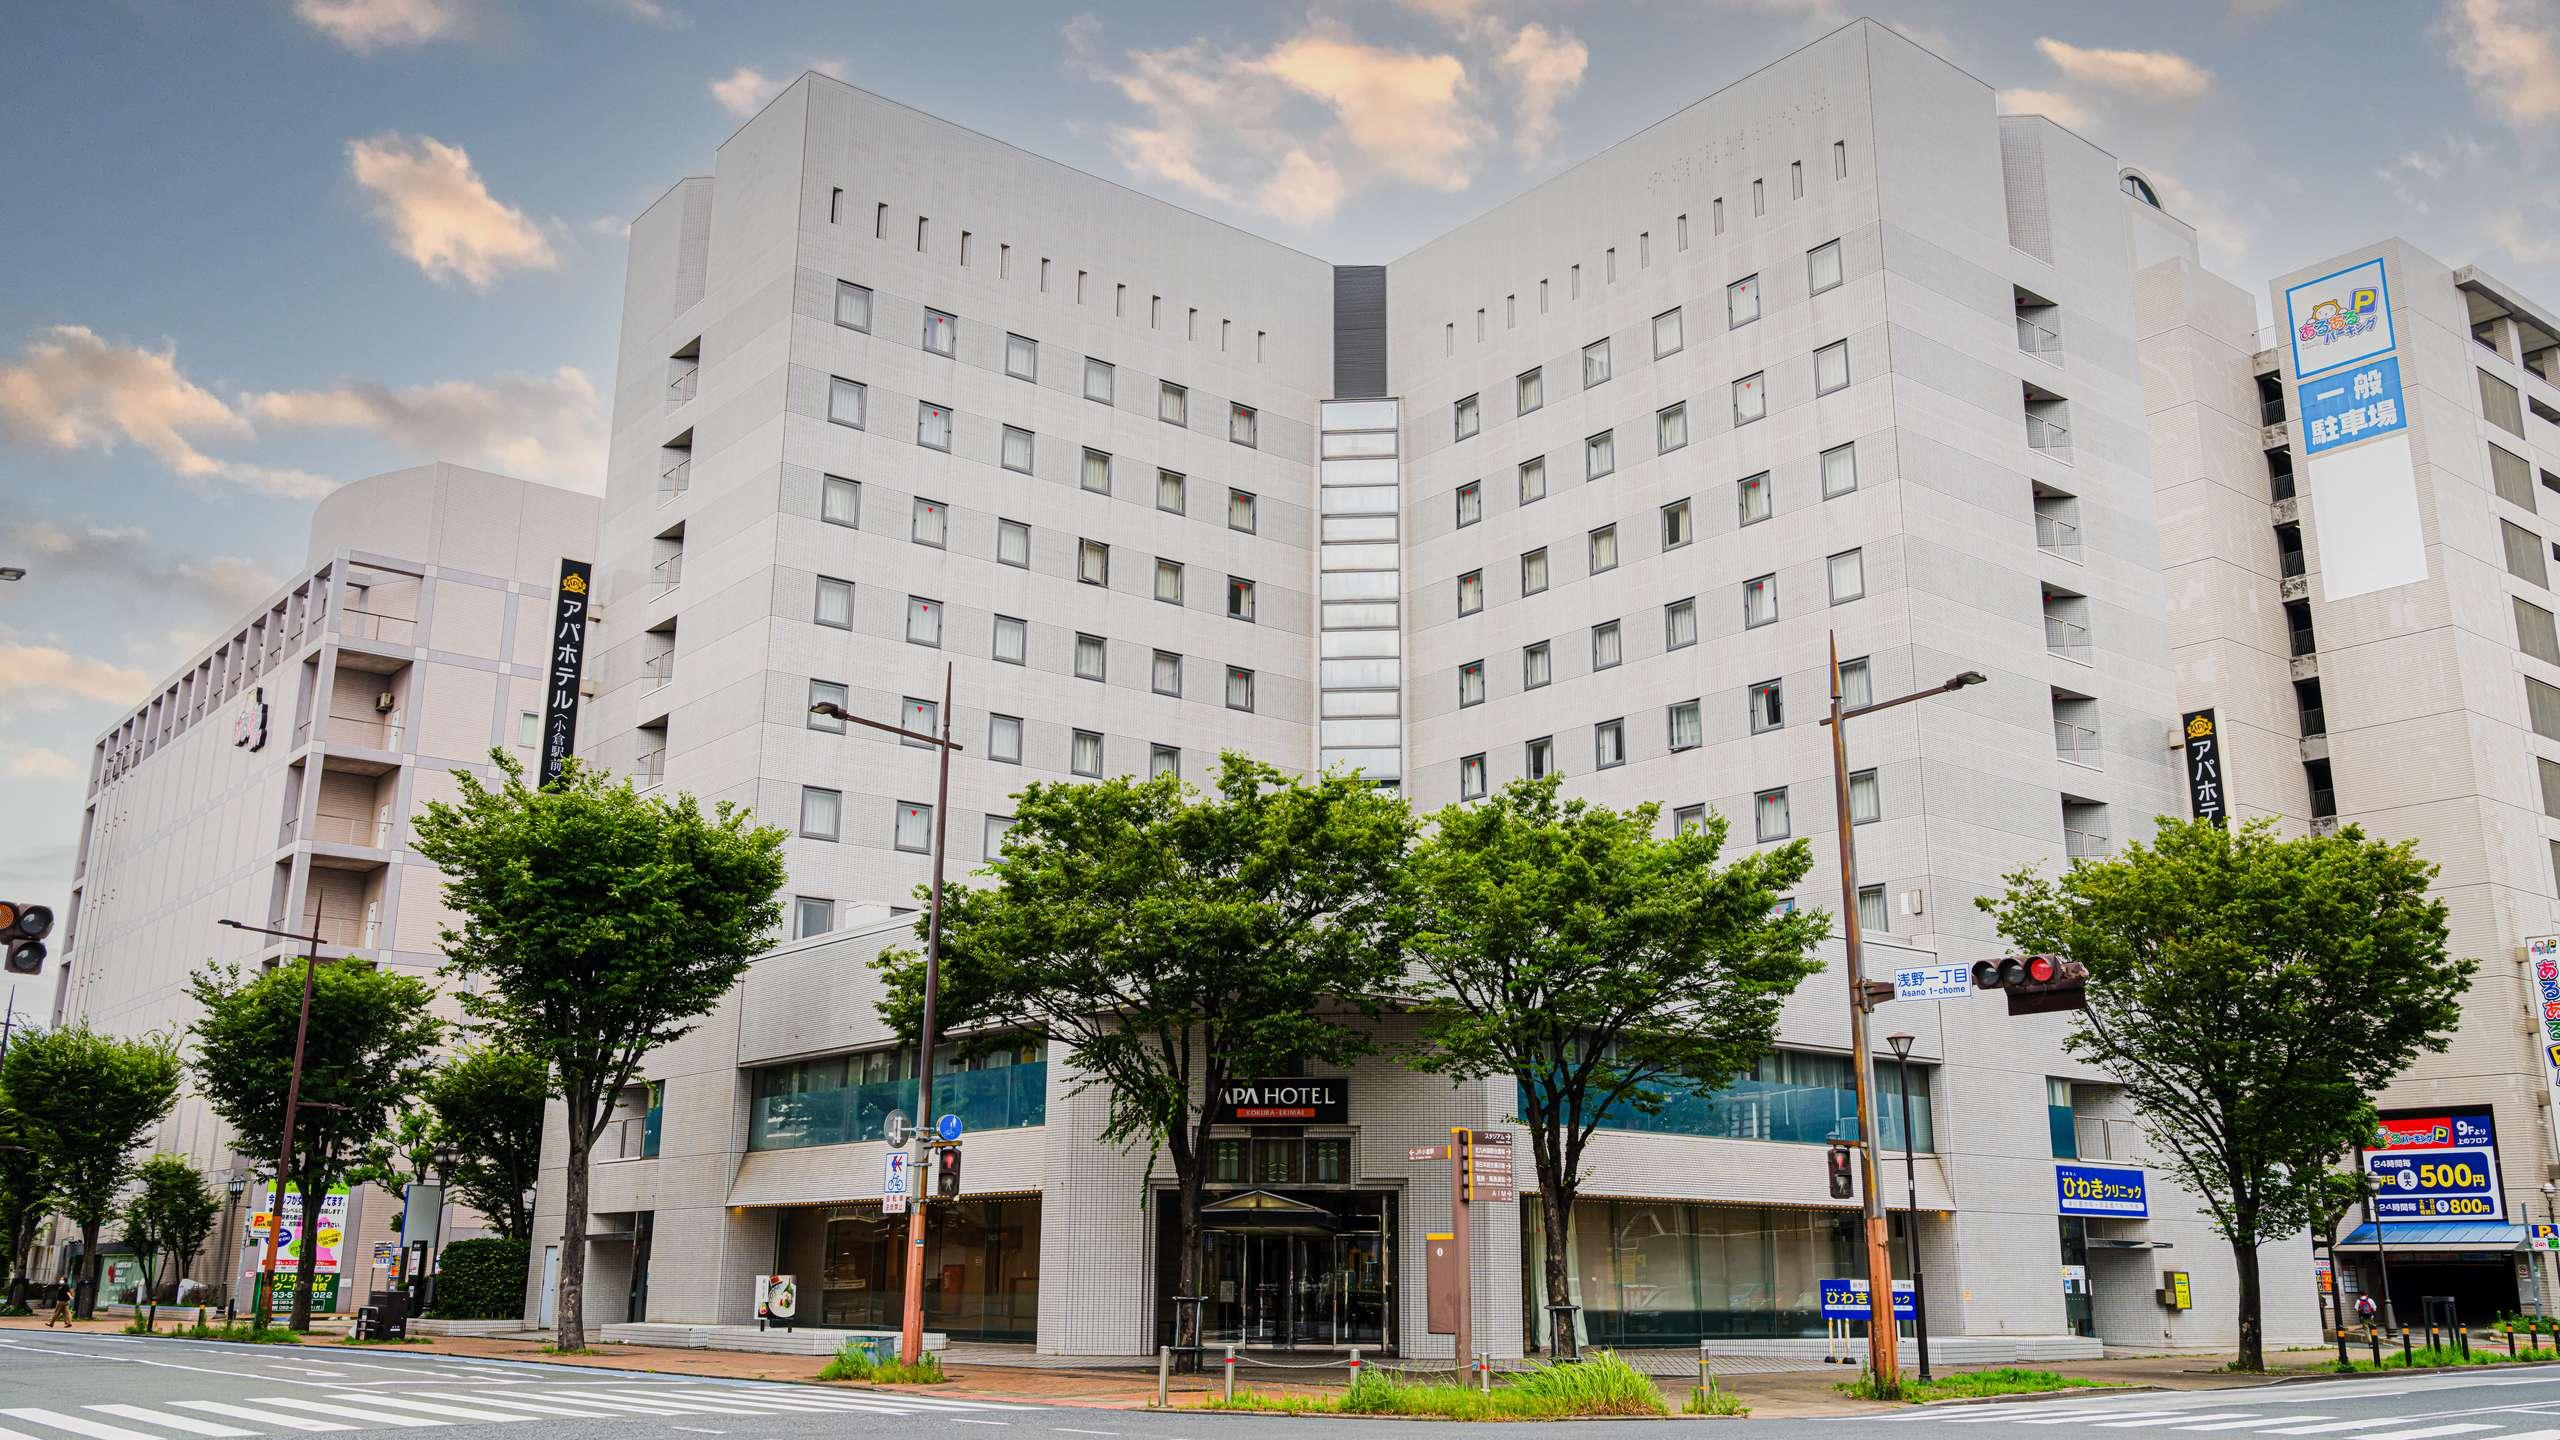 アパホテル 小倉駅前◆楽天トラベル